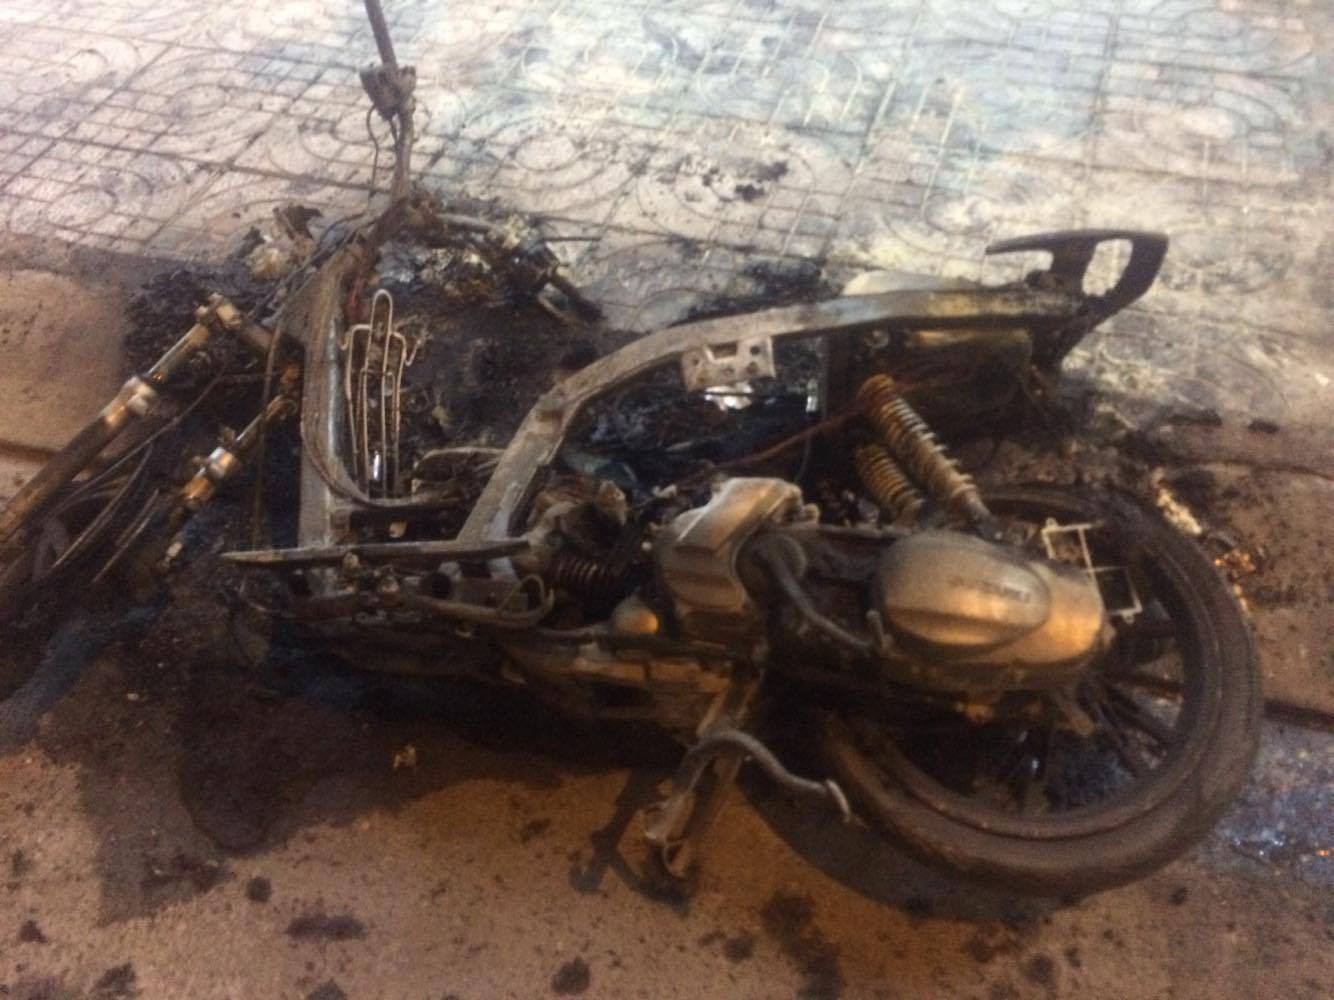 Chiếc xe máy bị cháy rụi hoàn toàn.